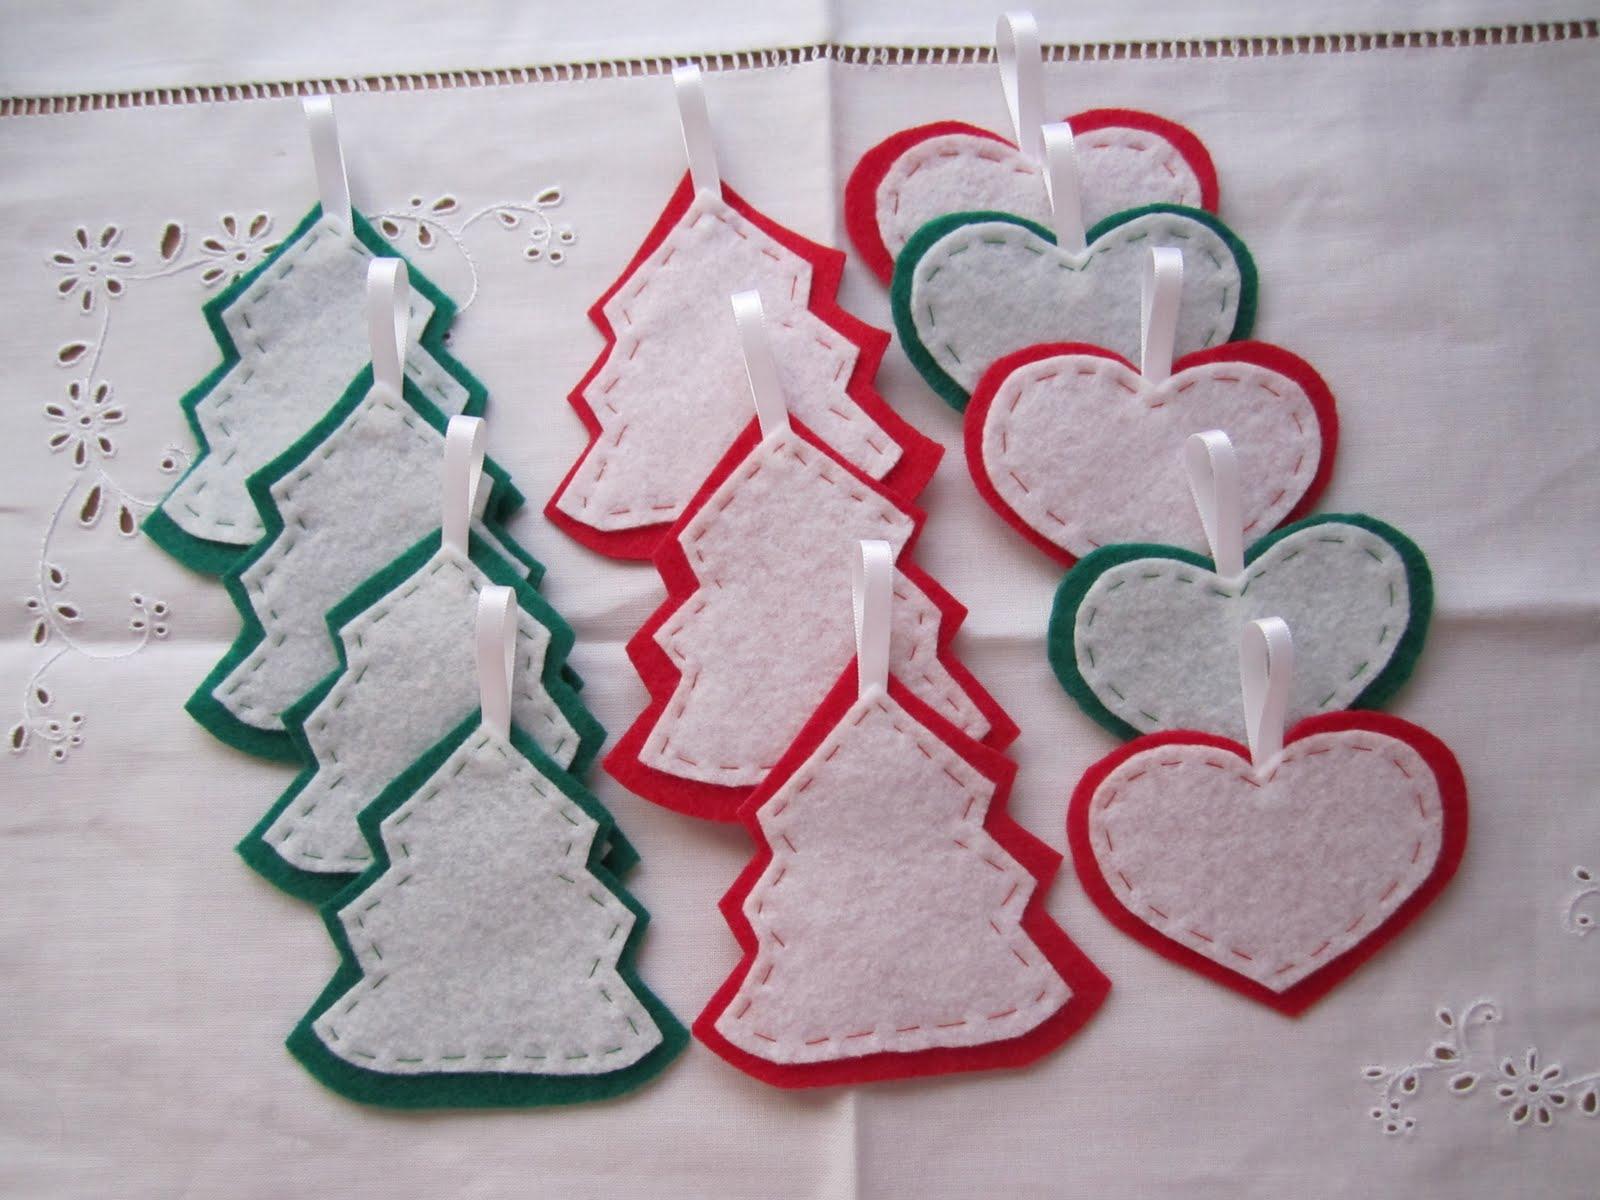 Las manualidades en la decoraci n navide a - Cosas navidenas para hacer en casa faciles ...